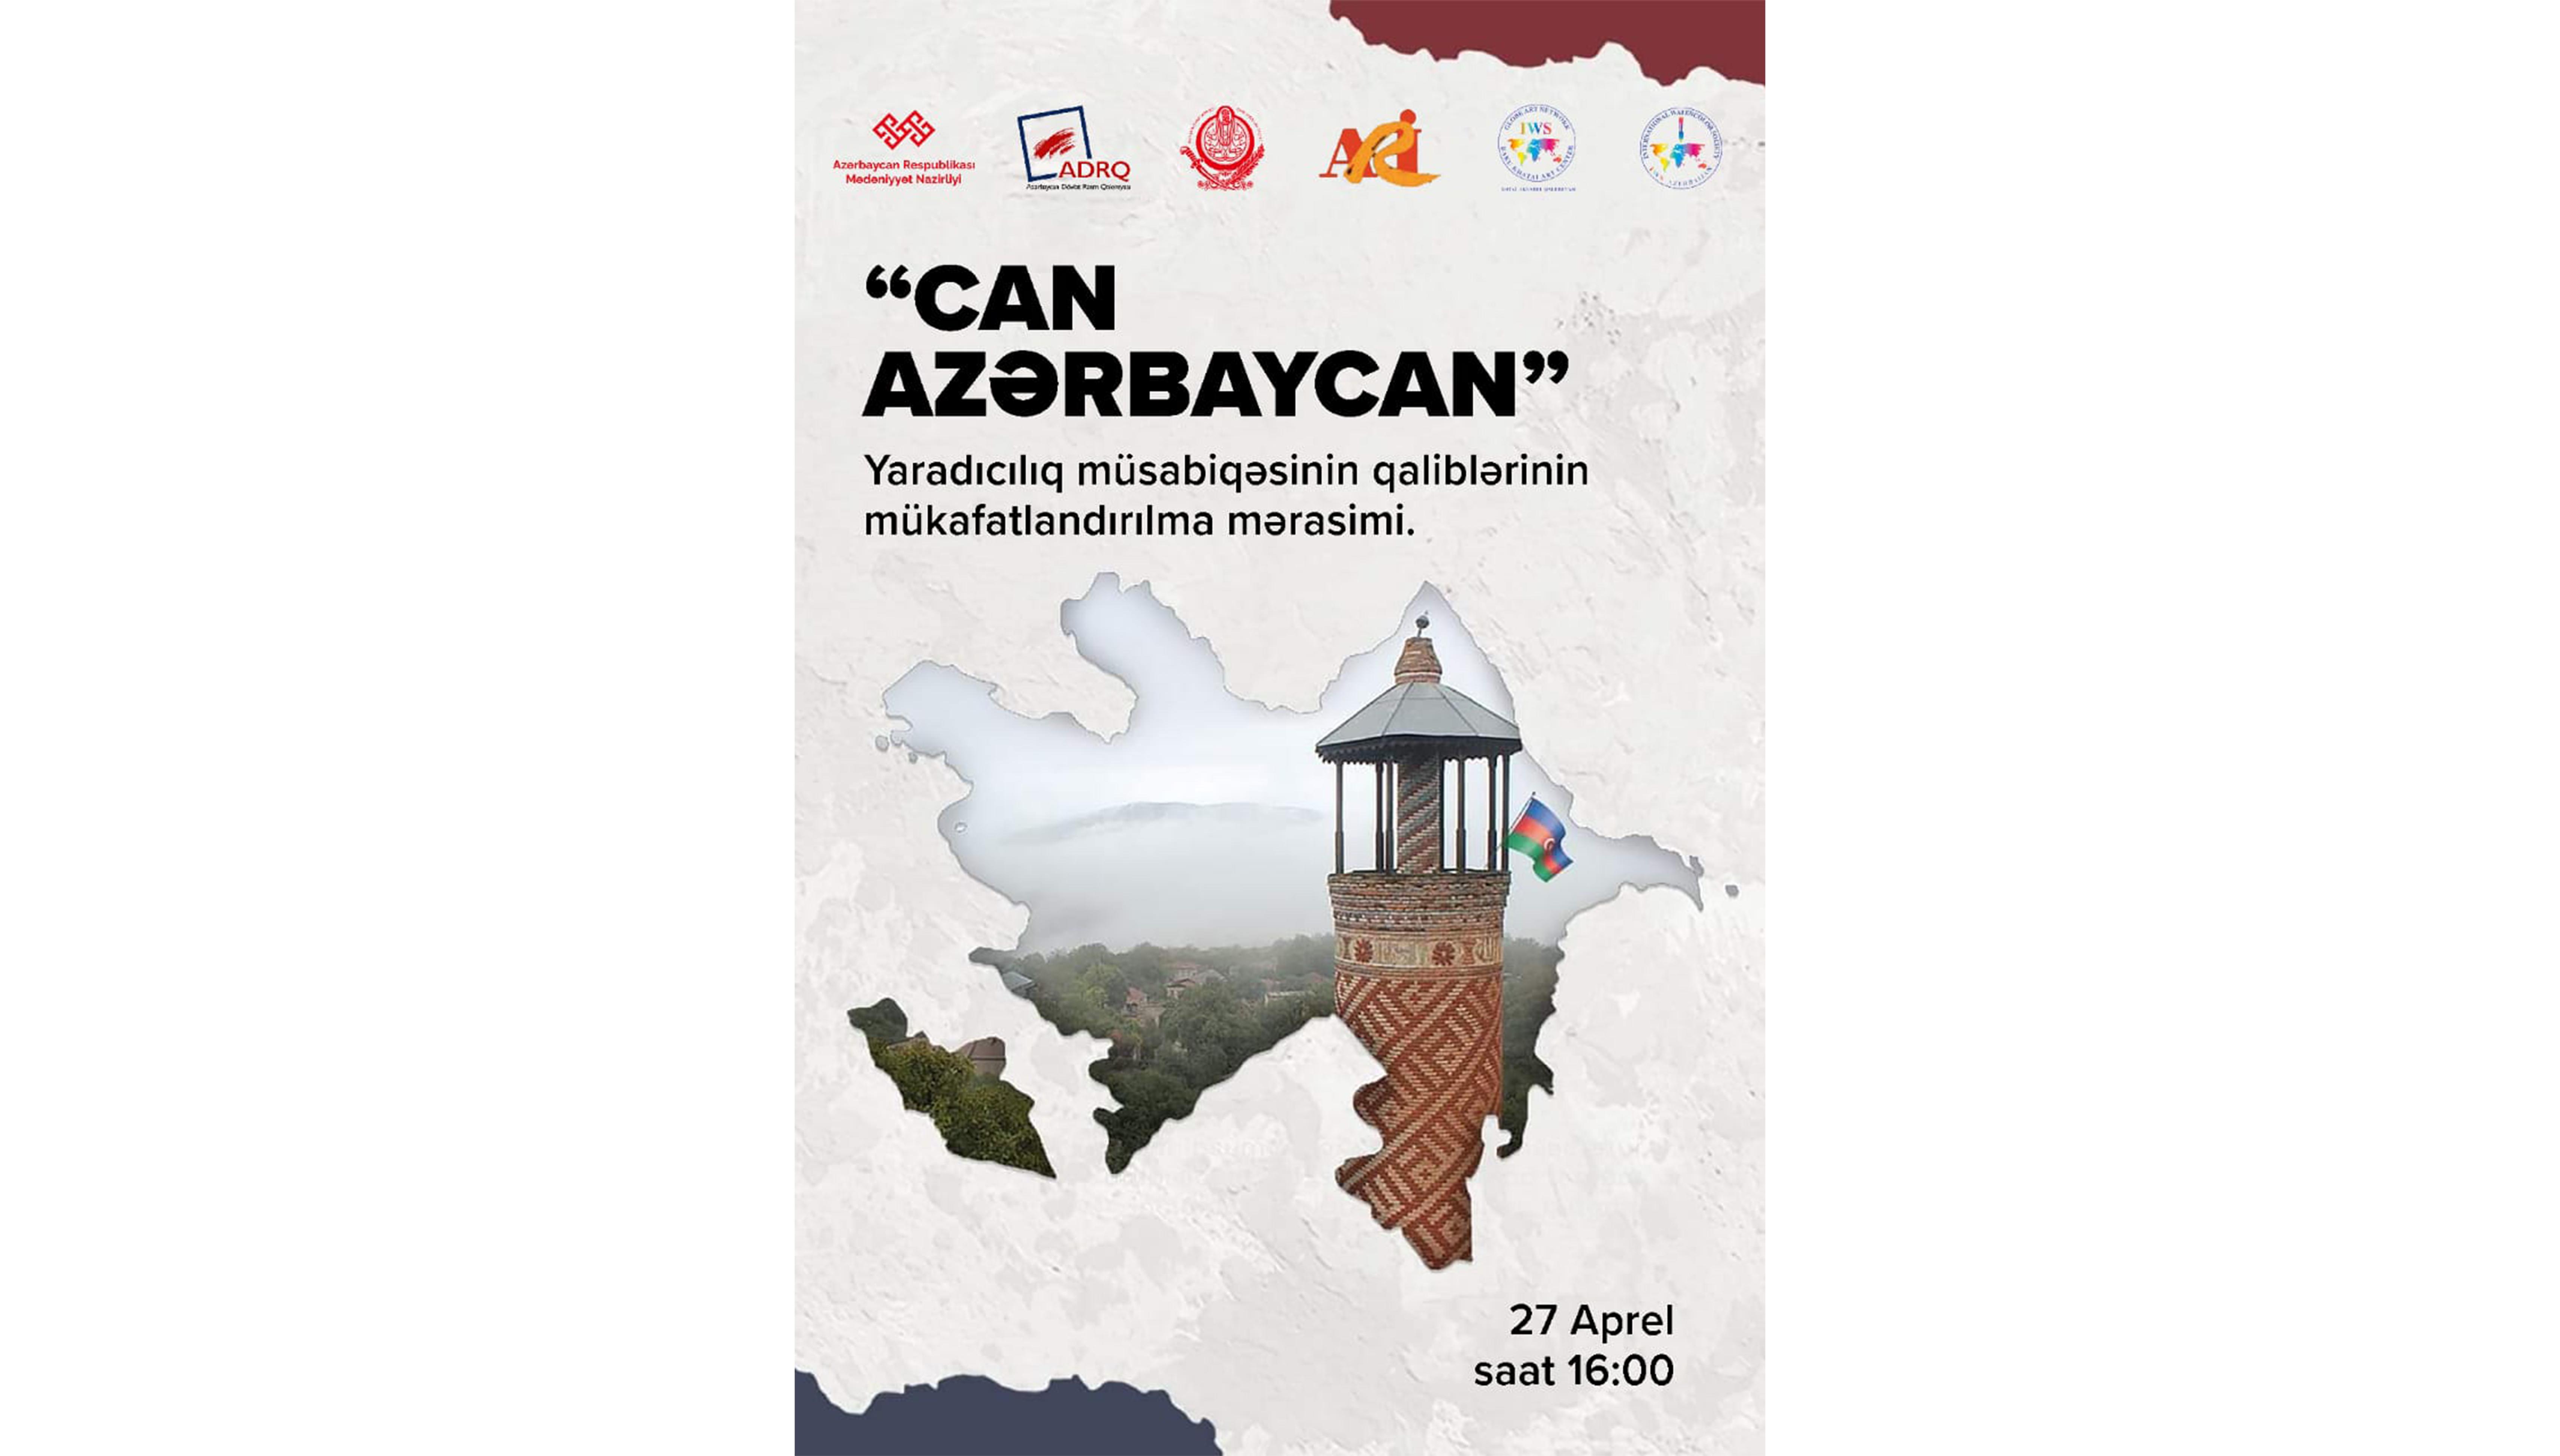 """""""Can Azərbaycan"""" yaradıclıq müsabiqəsinin qaliblərinin mükafatlandırılma mərasimi keçiriləcək"""